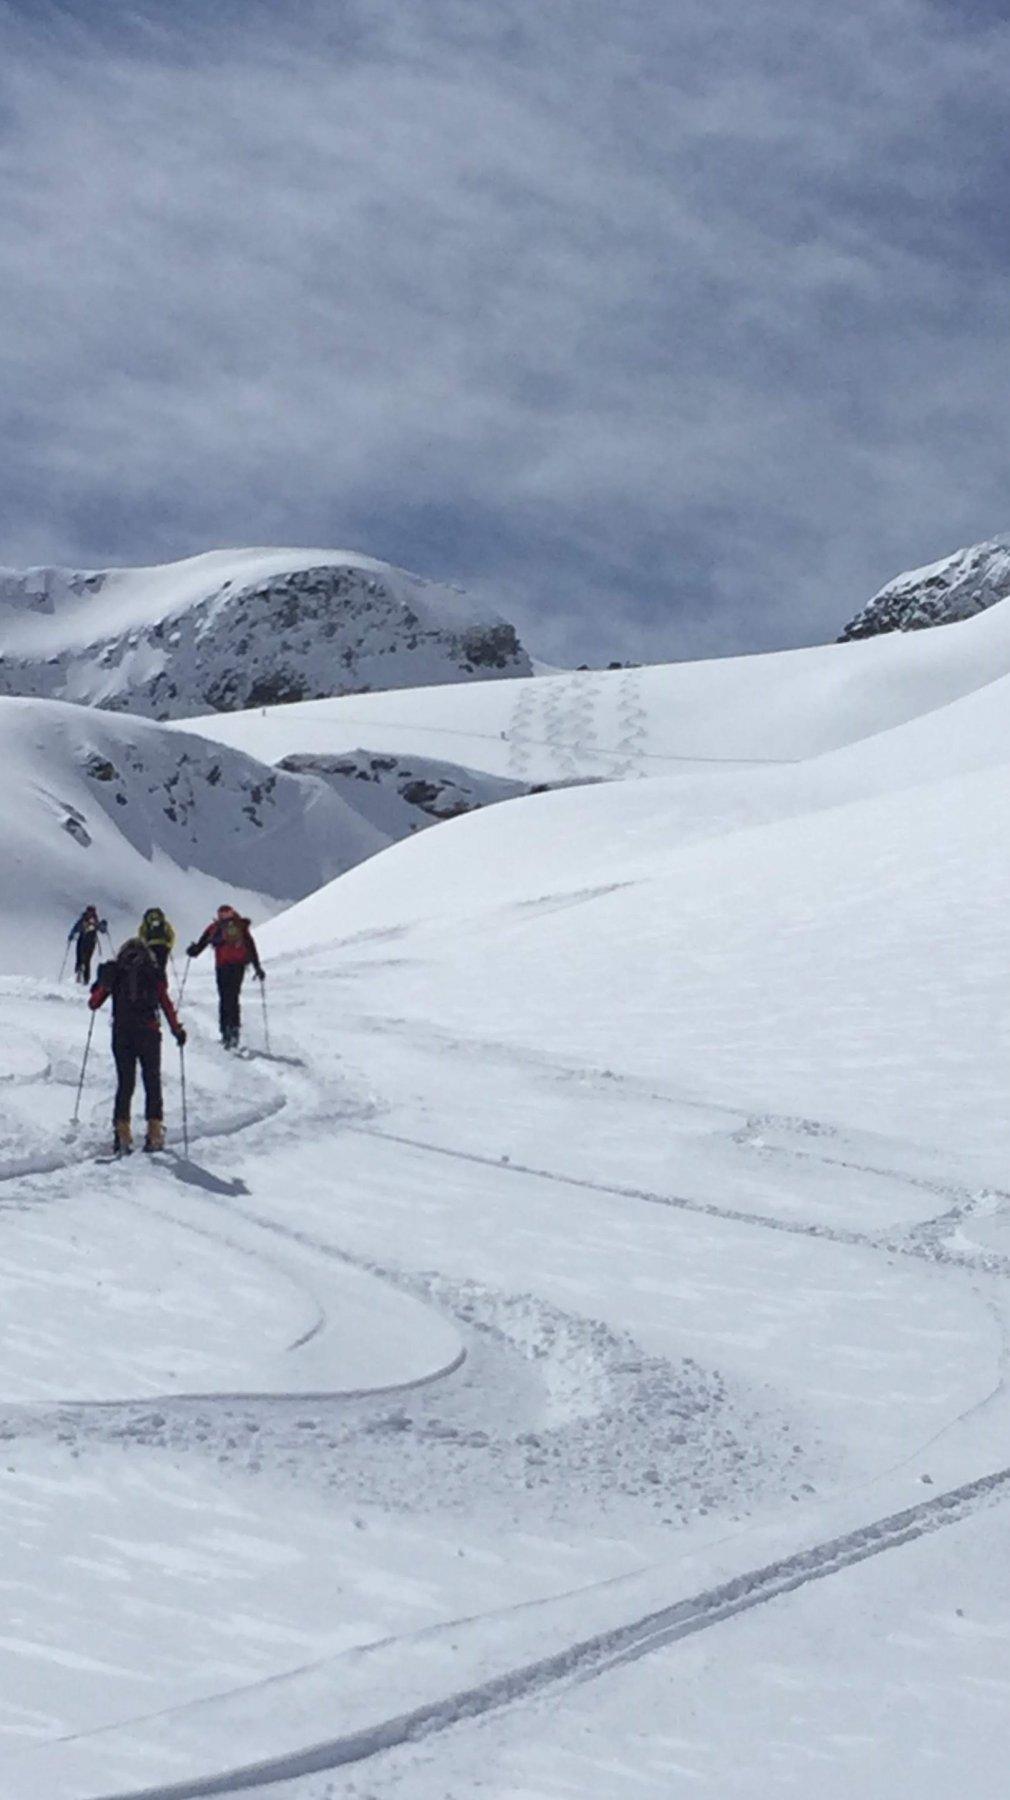 Il ghiacciaio e la cresta che conduce in cima a destra